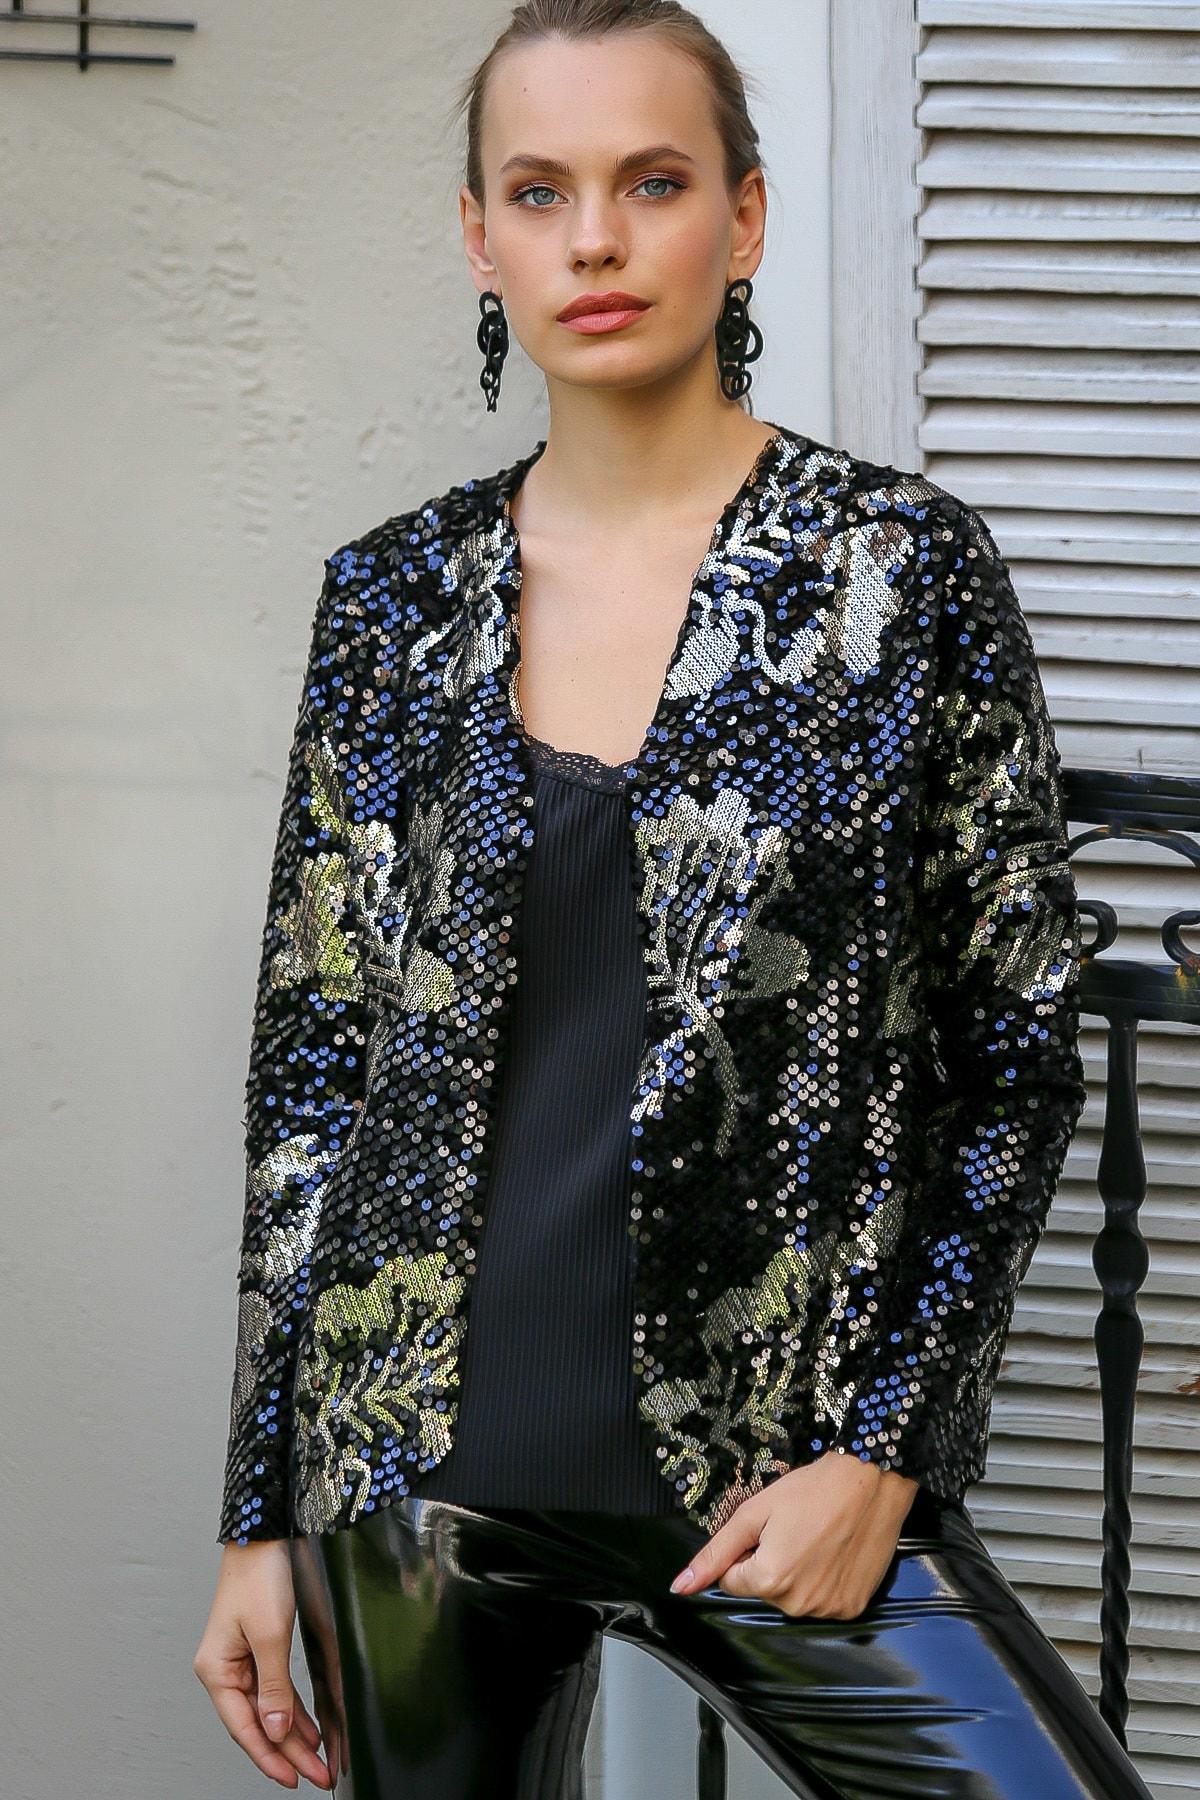 Chiccy Kadın Multı Vintage Gold Pul Payetli Dev Yapraklar Cepken Ceket